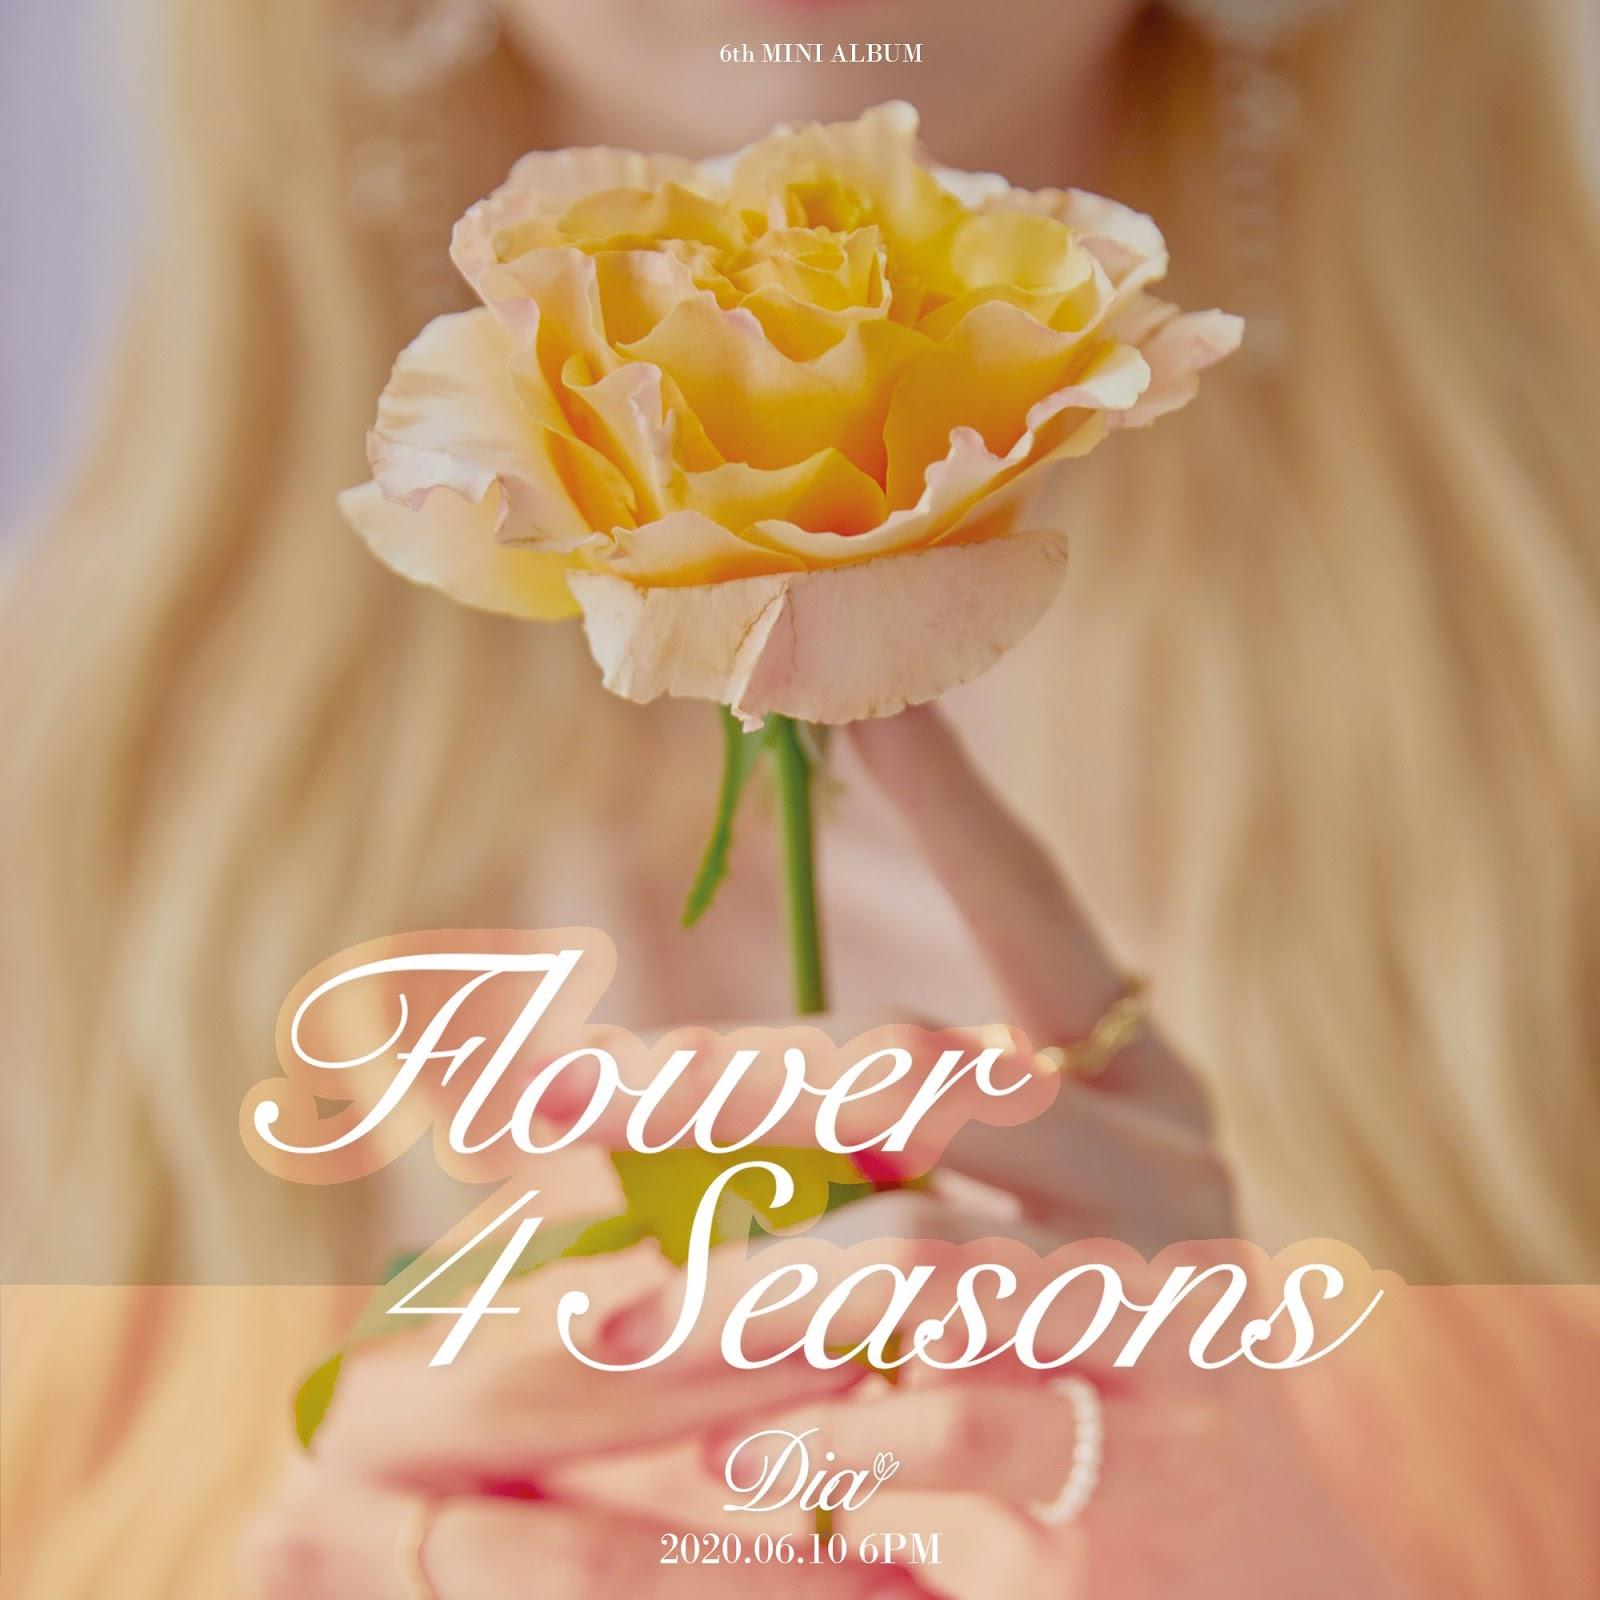 dia 4 seasons